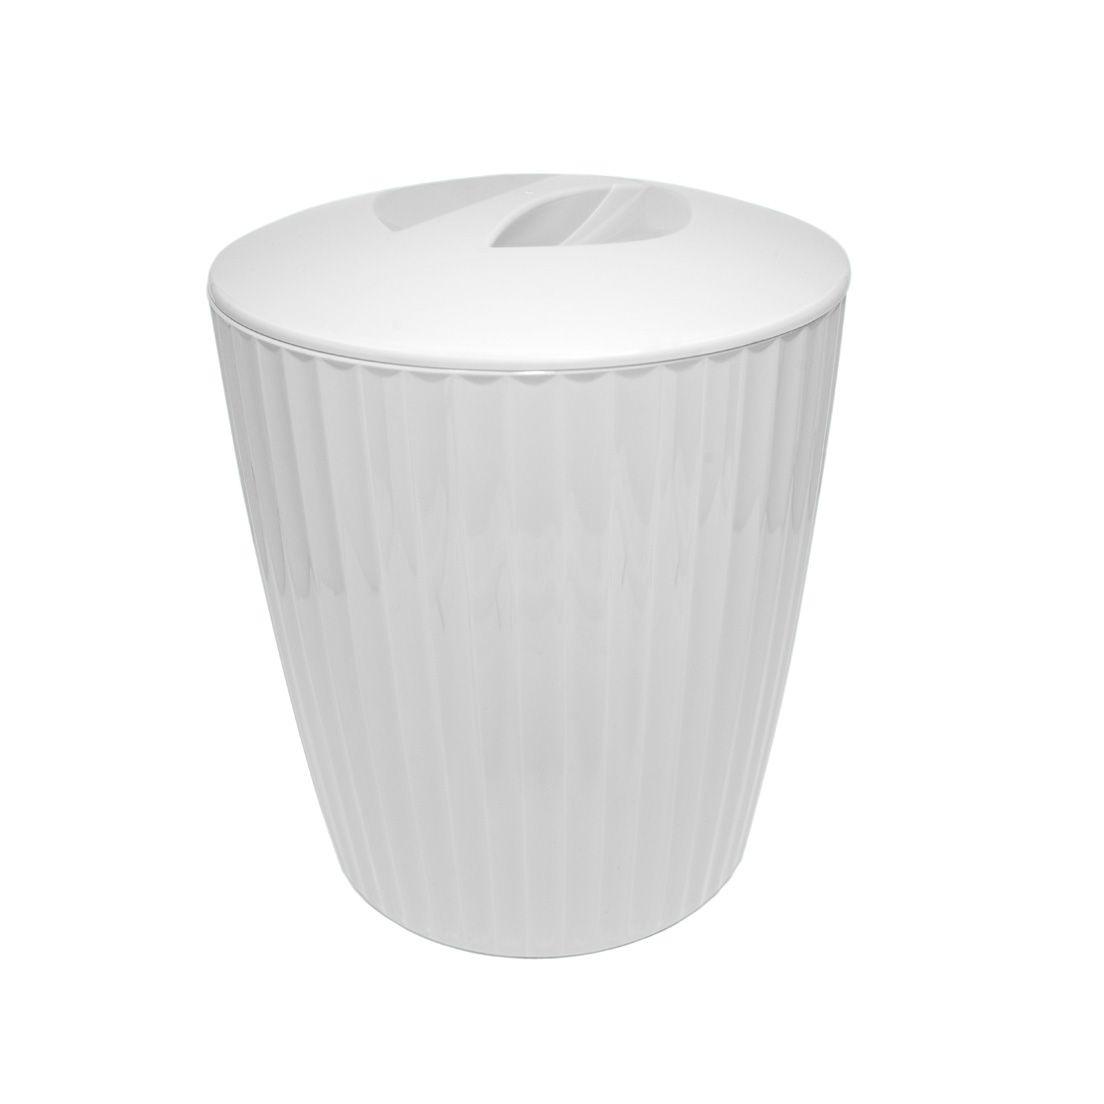 Lixeira 5L para Banheiro de Plástico com Tampa Groove Branco